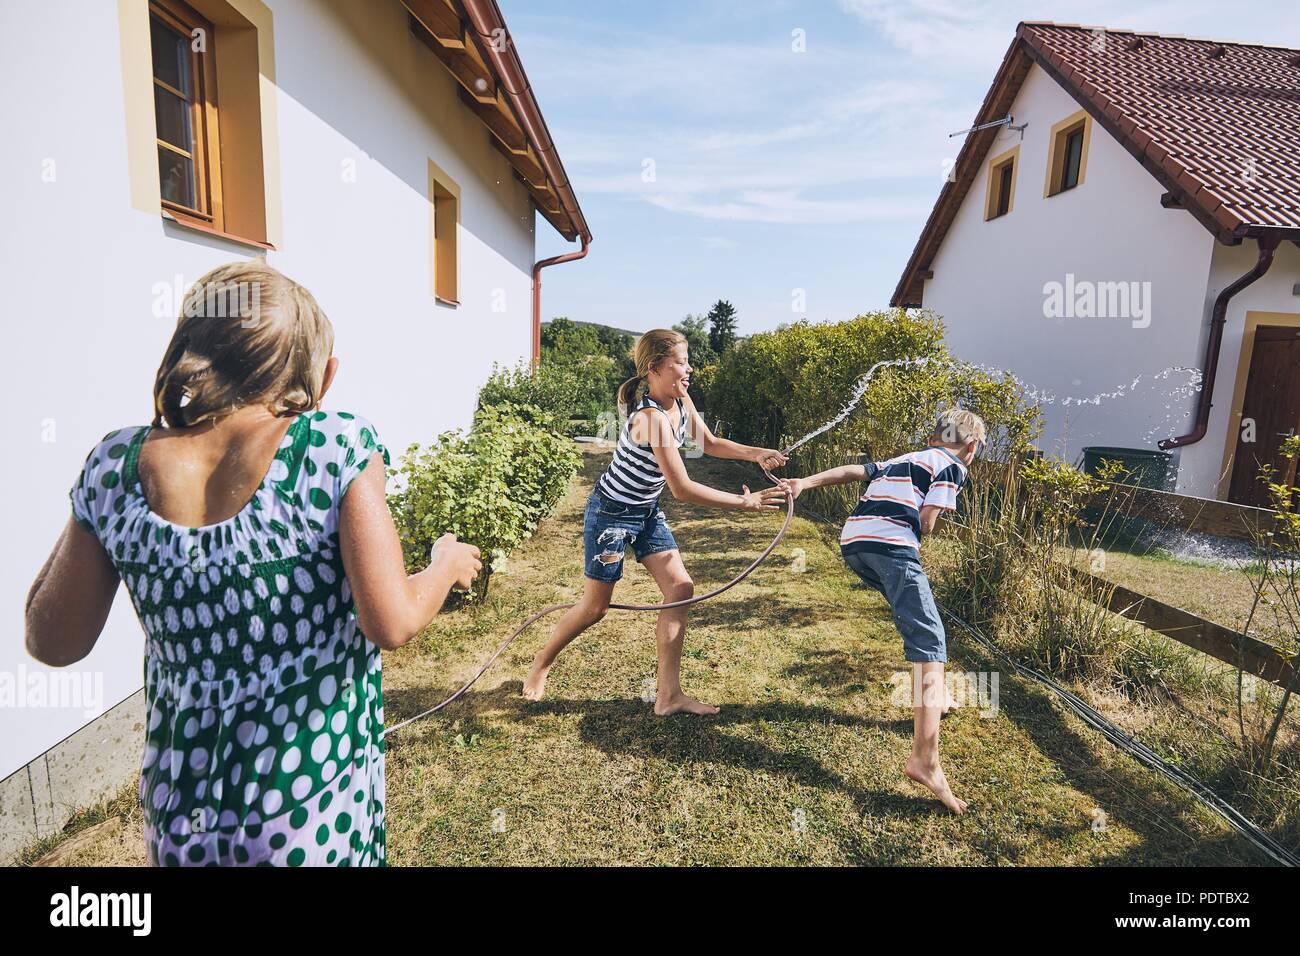 Kinder Spaß mit Spritzwasser. Geschwister auf dem Hinterhof des Hauses im Sommer Tag. Stockfoto